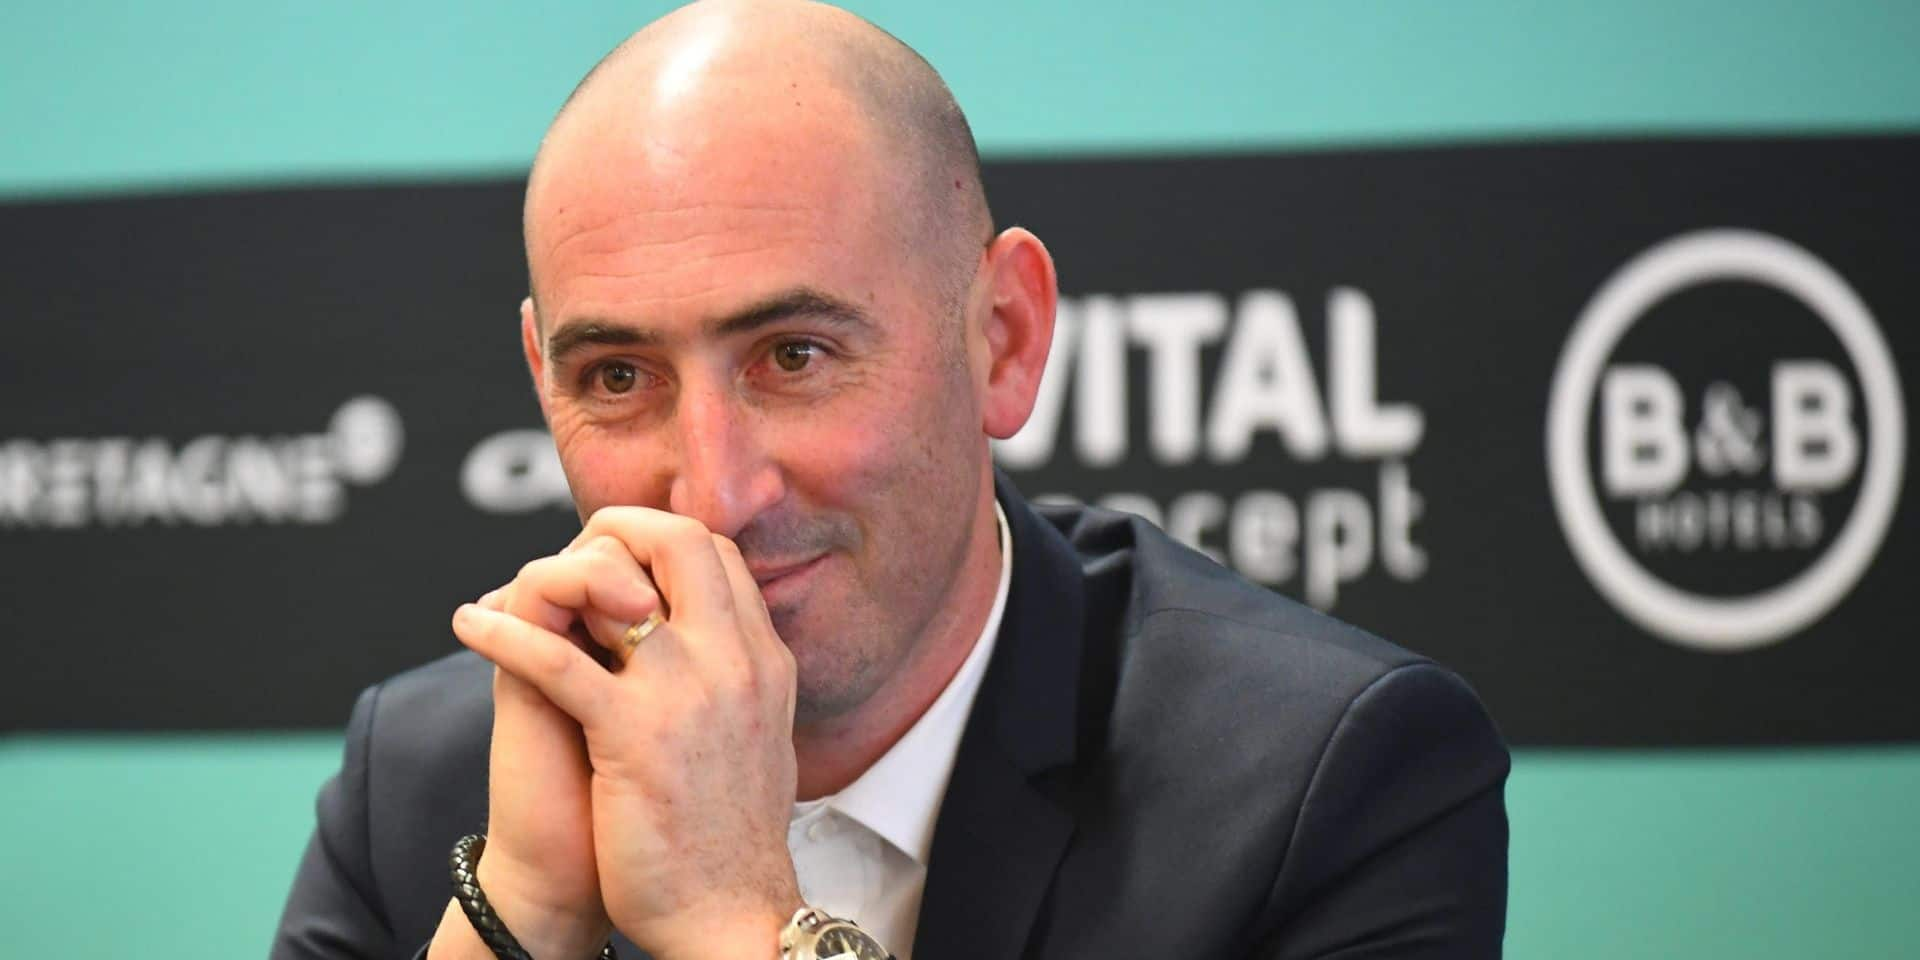 """Jérôme Pineau apprend que son équipe ira au Tour, il fond en larmes: """"Une émotion énorme"""""""